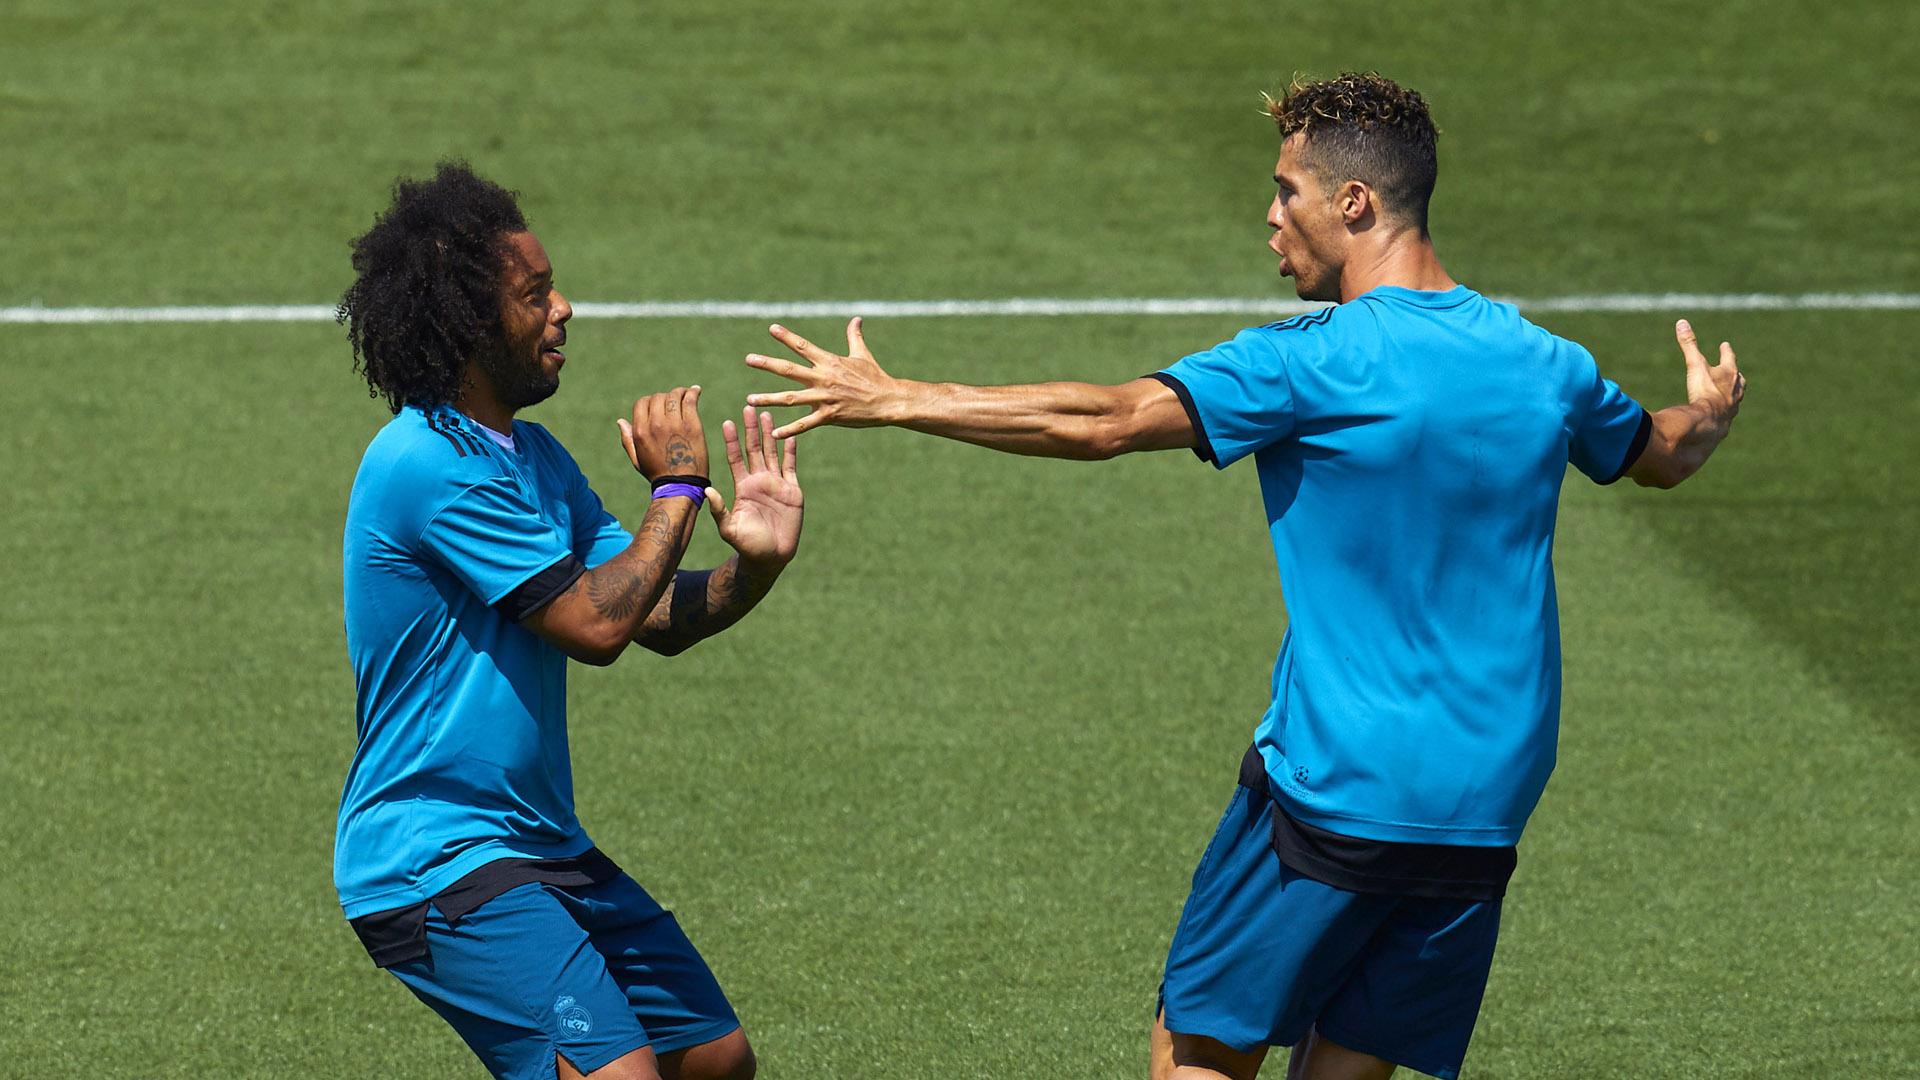 Turin im Ronaldo-Fieber: Hunderte Fans feiern CR7